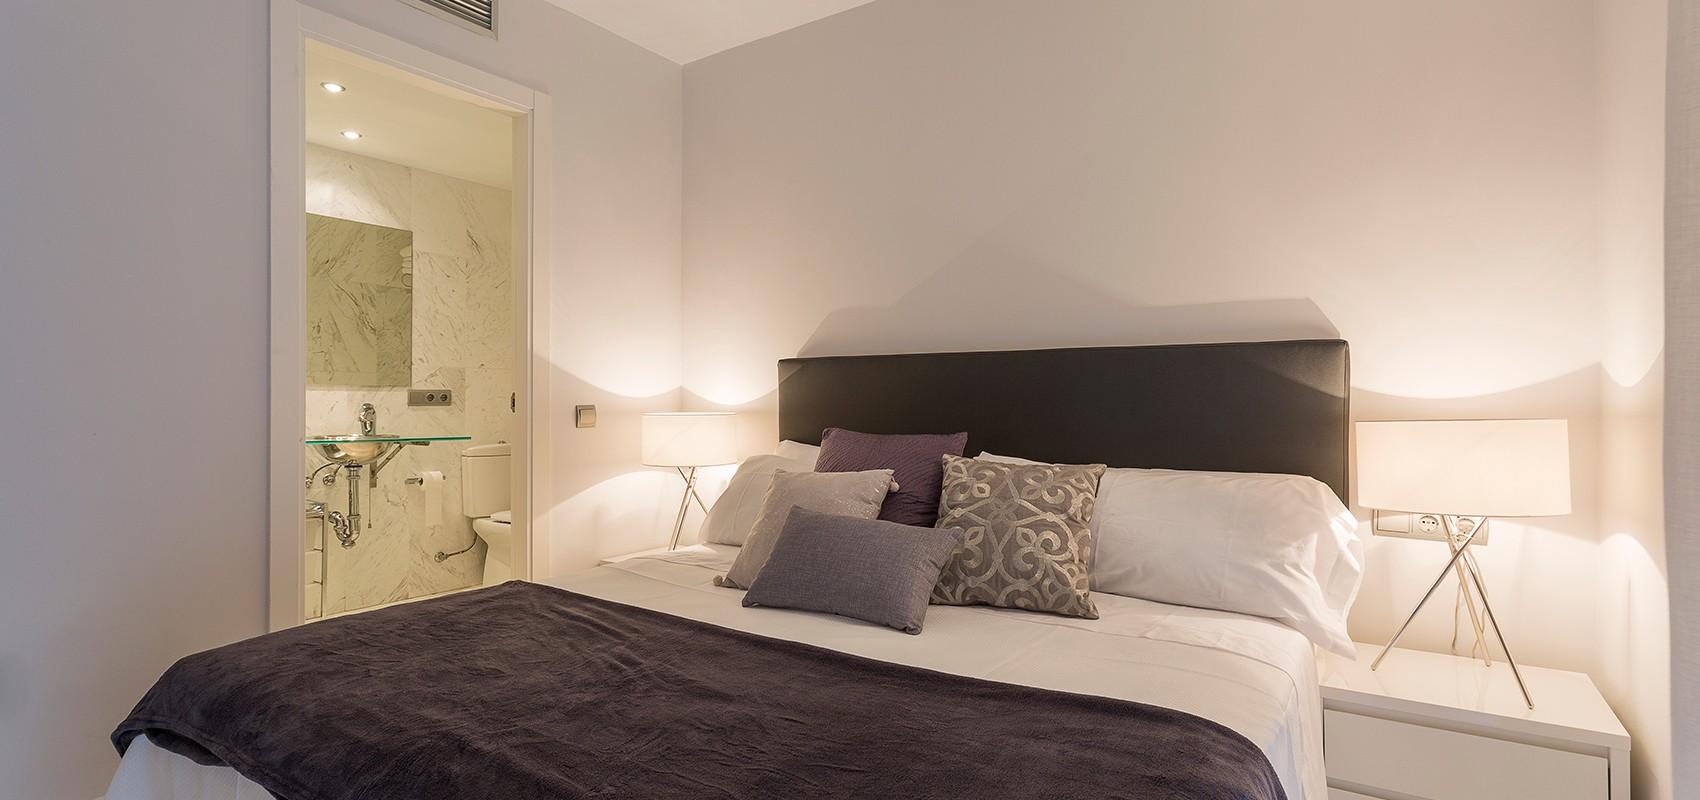 Dormitorio principal con cuarto de baño en suite